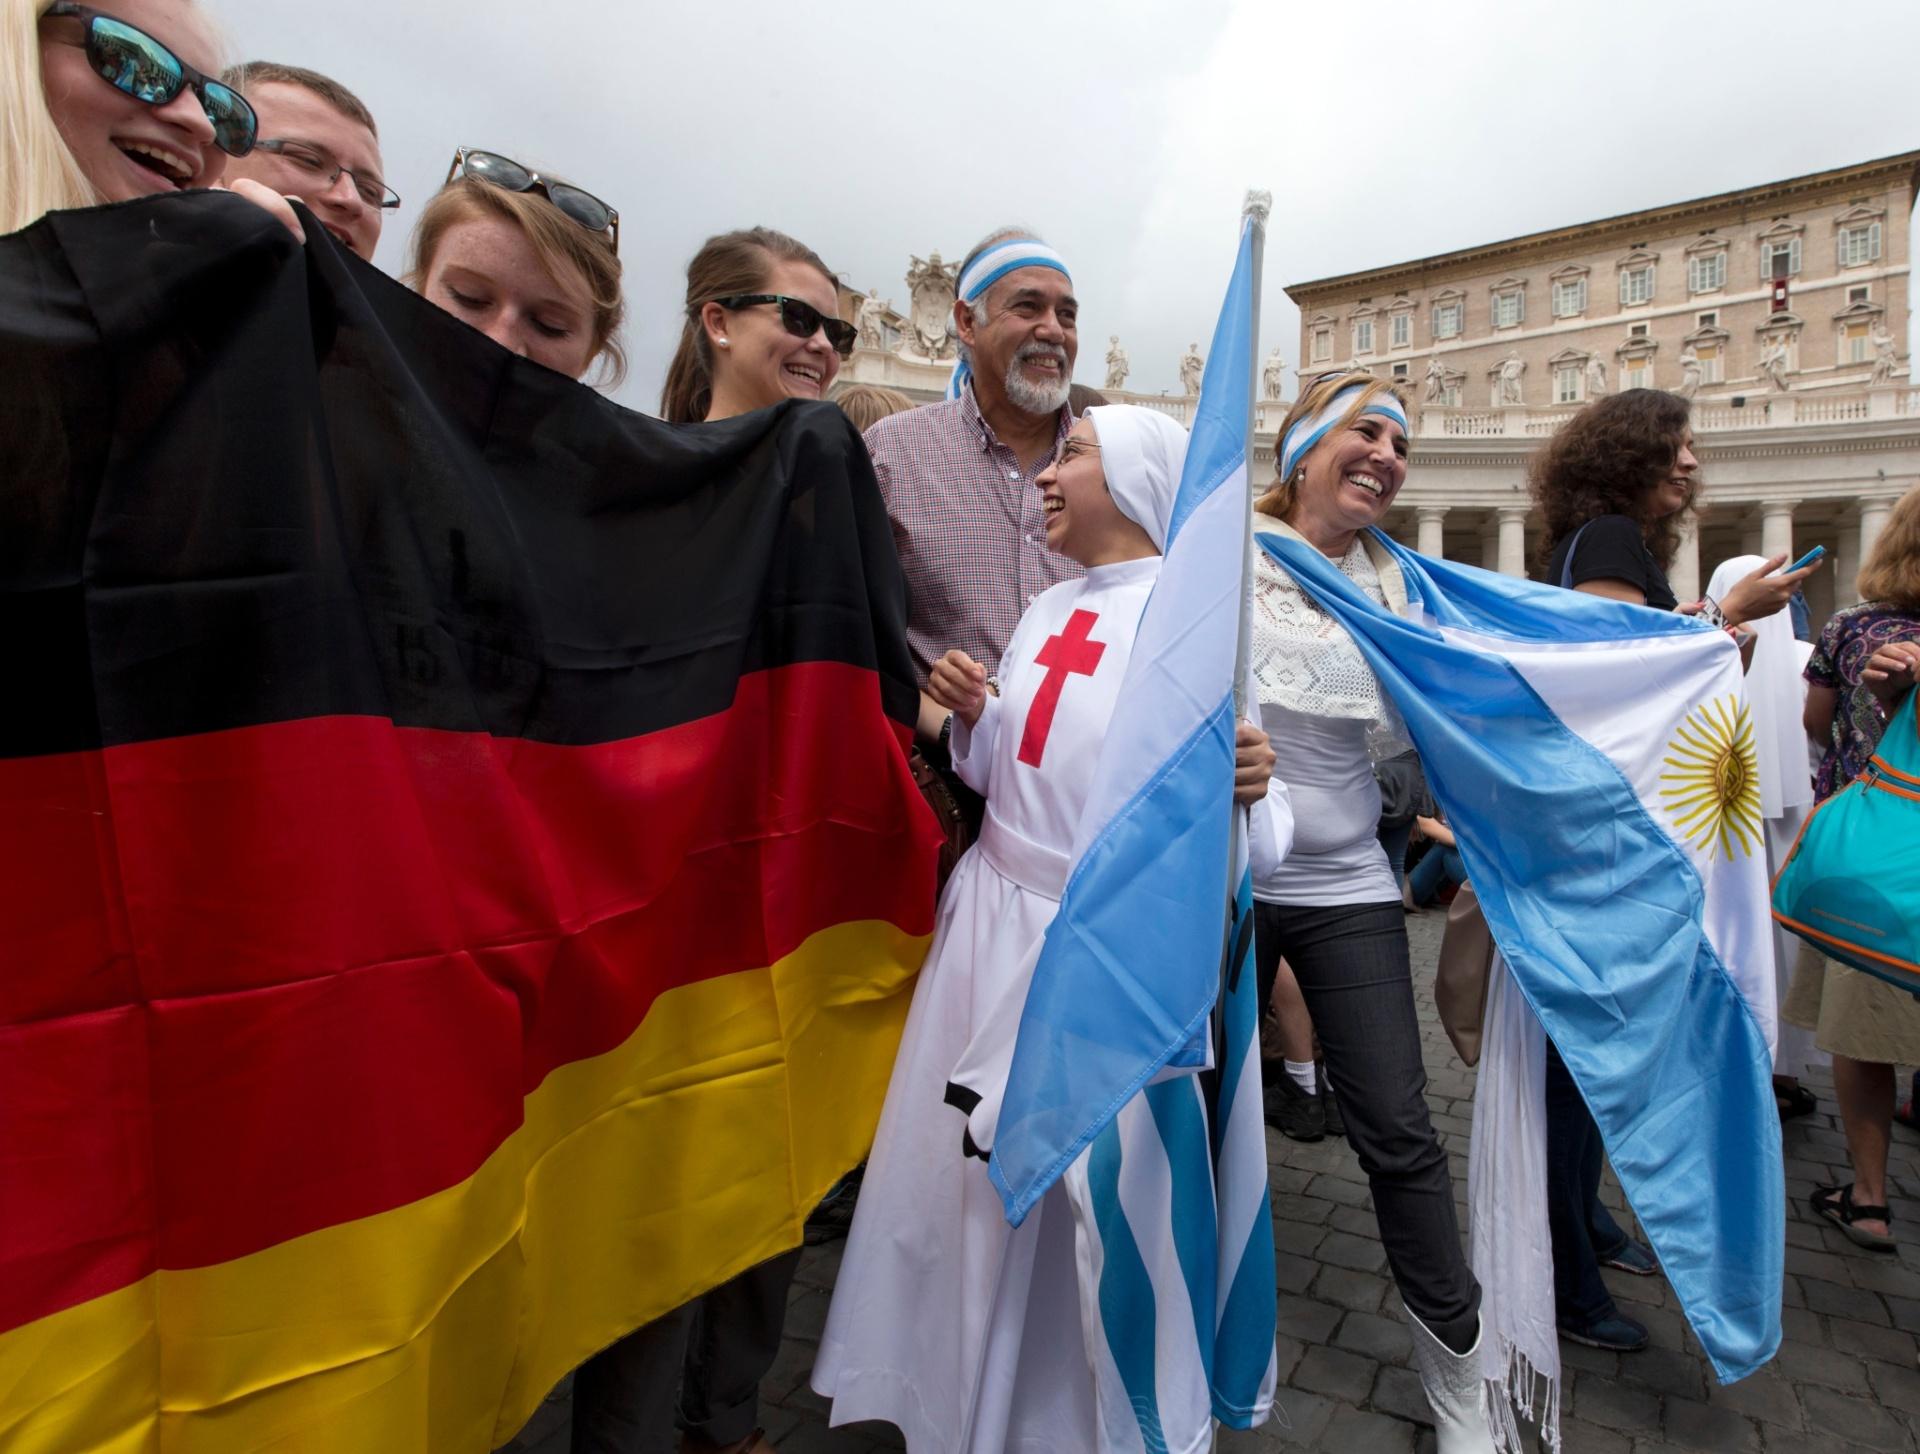 Em menor número, alemães também marcaram presença no Vaticano antes da final da Copa